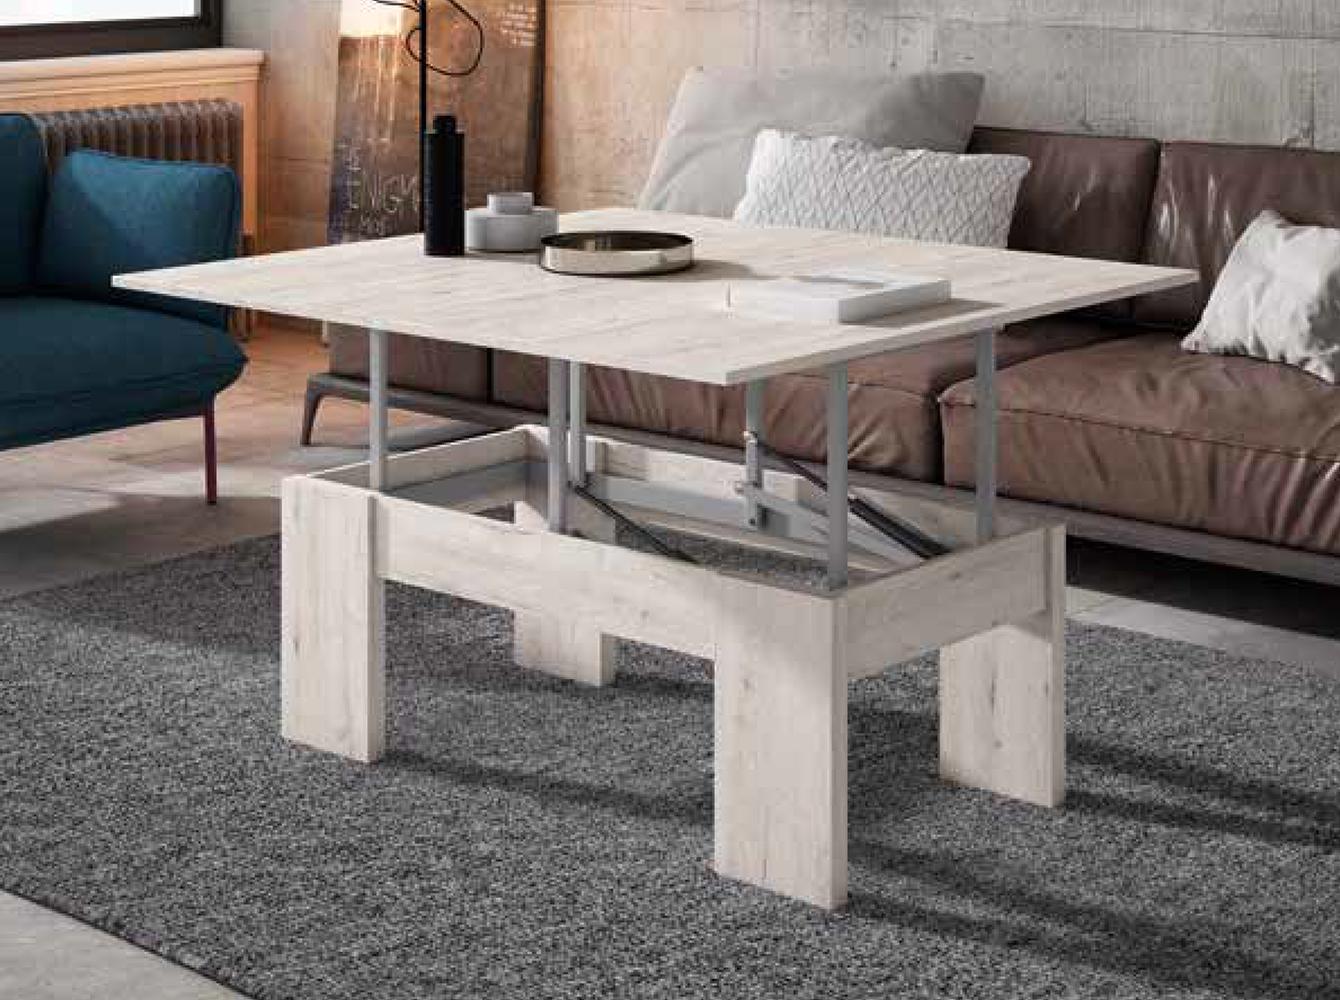 Mesa de centro convertible en mesa de comedor 149